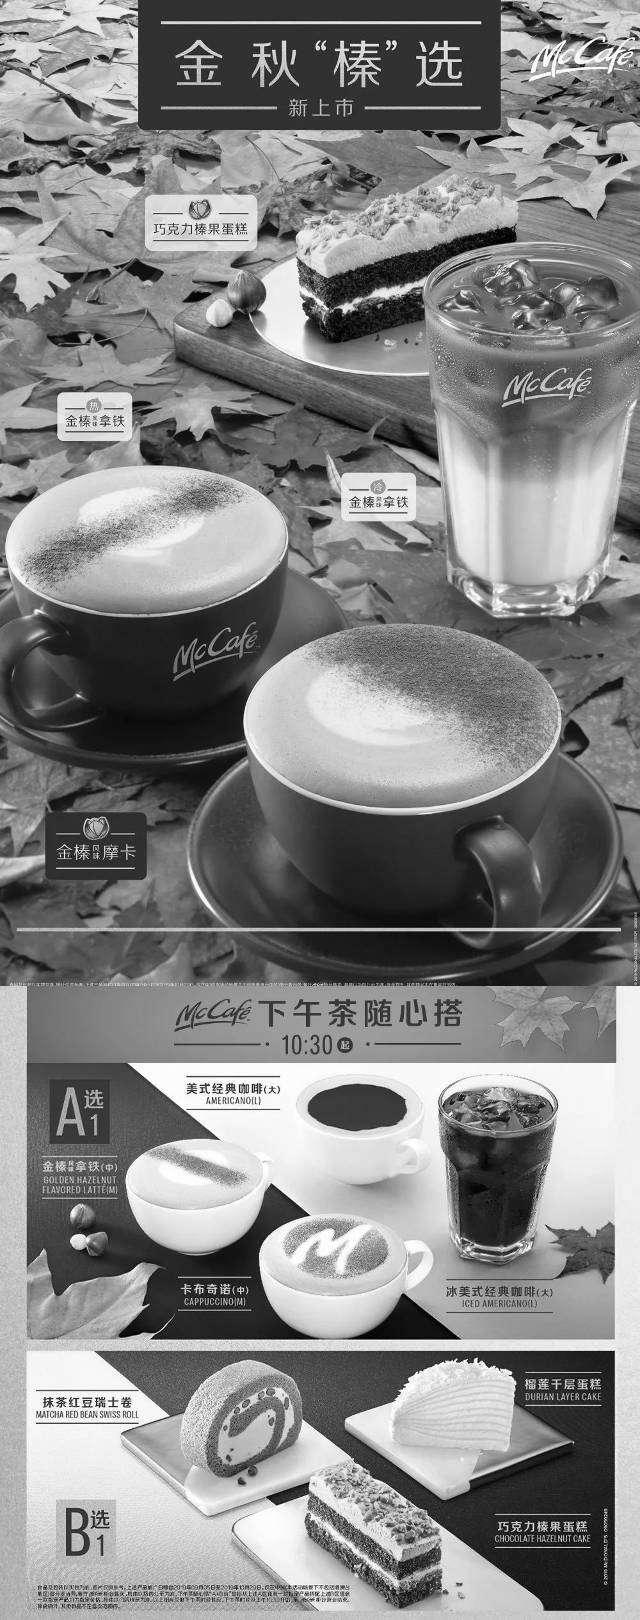 黑白优惠券图片:麦当劳麦咖啡2019秋季榛子味咖啡、蛋糕,还有下午茶随心搭 - www.5ikfc.com